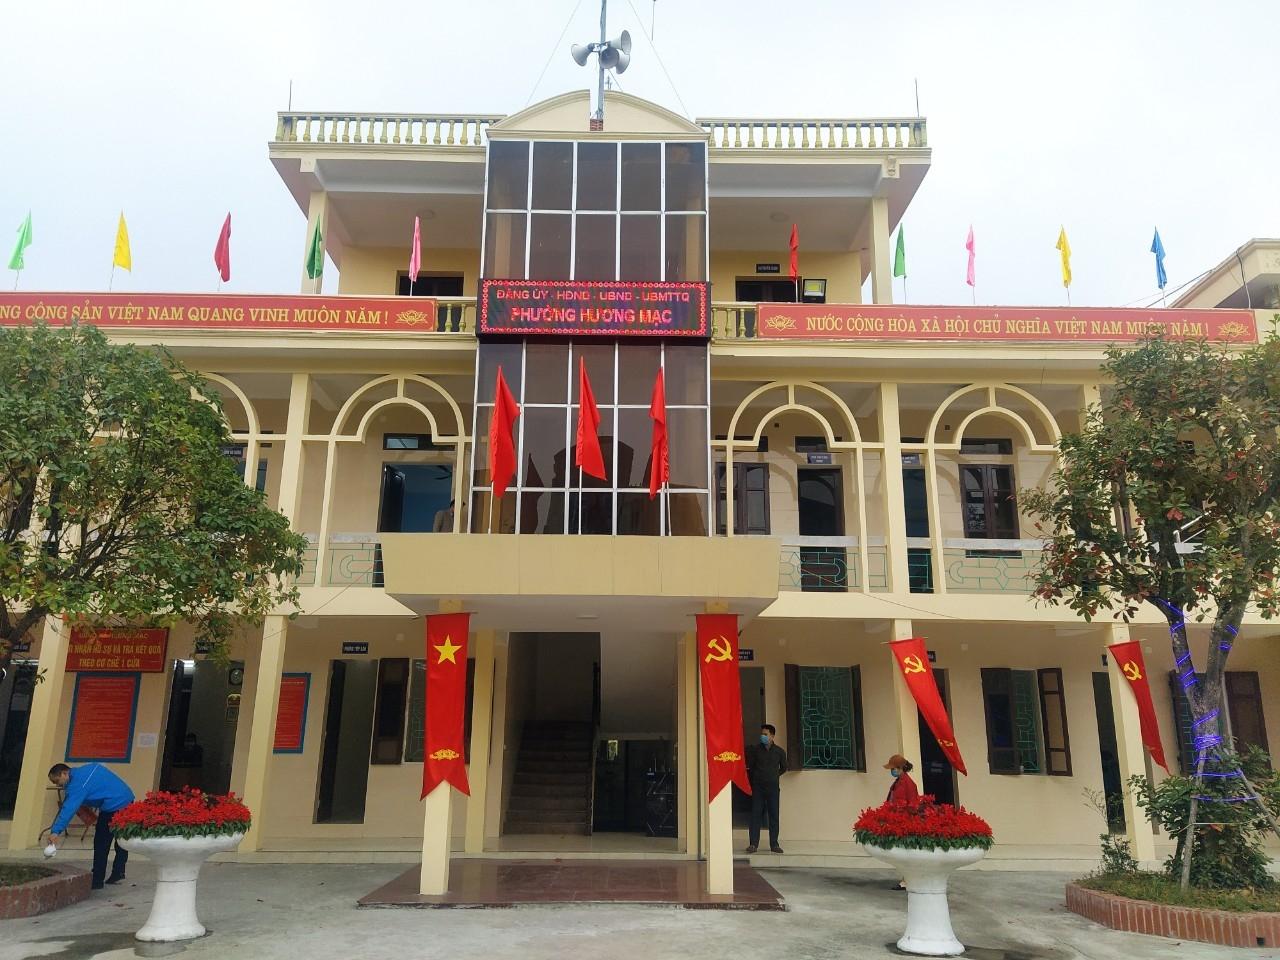 Hương Mạc, Từ Sơn (Bắc Ninh): Quyết tâm hoàn thành mục tiêu phát triển kinh tế năm 2021